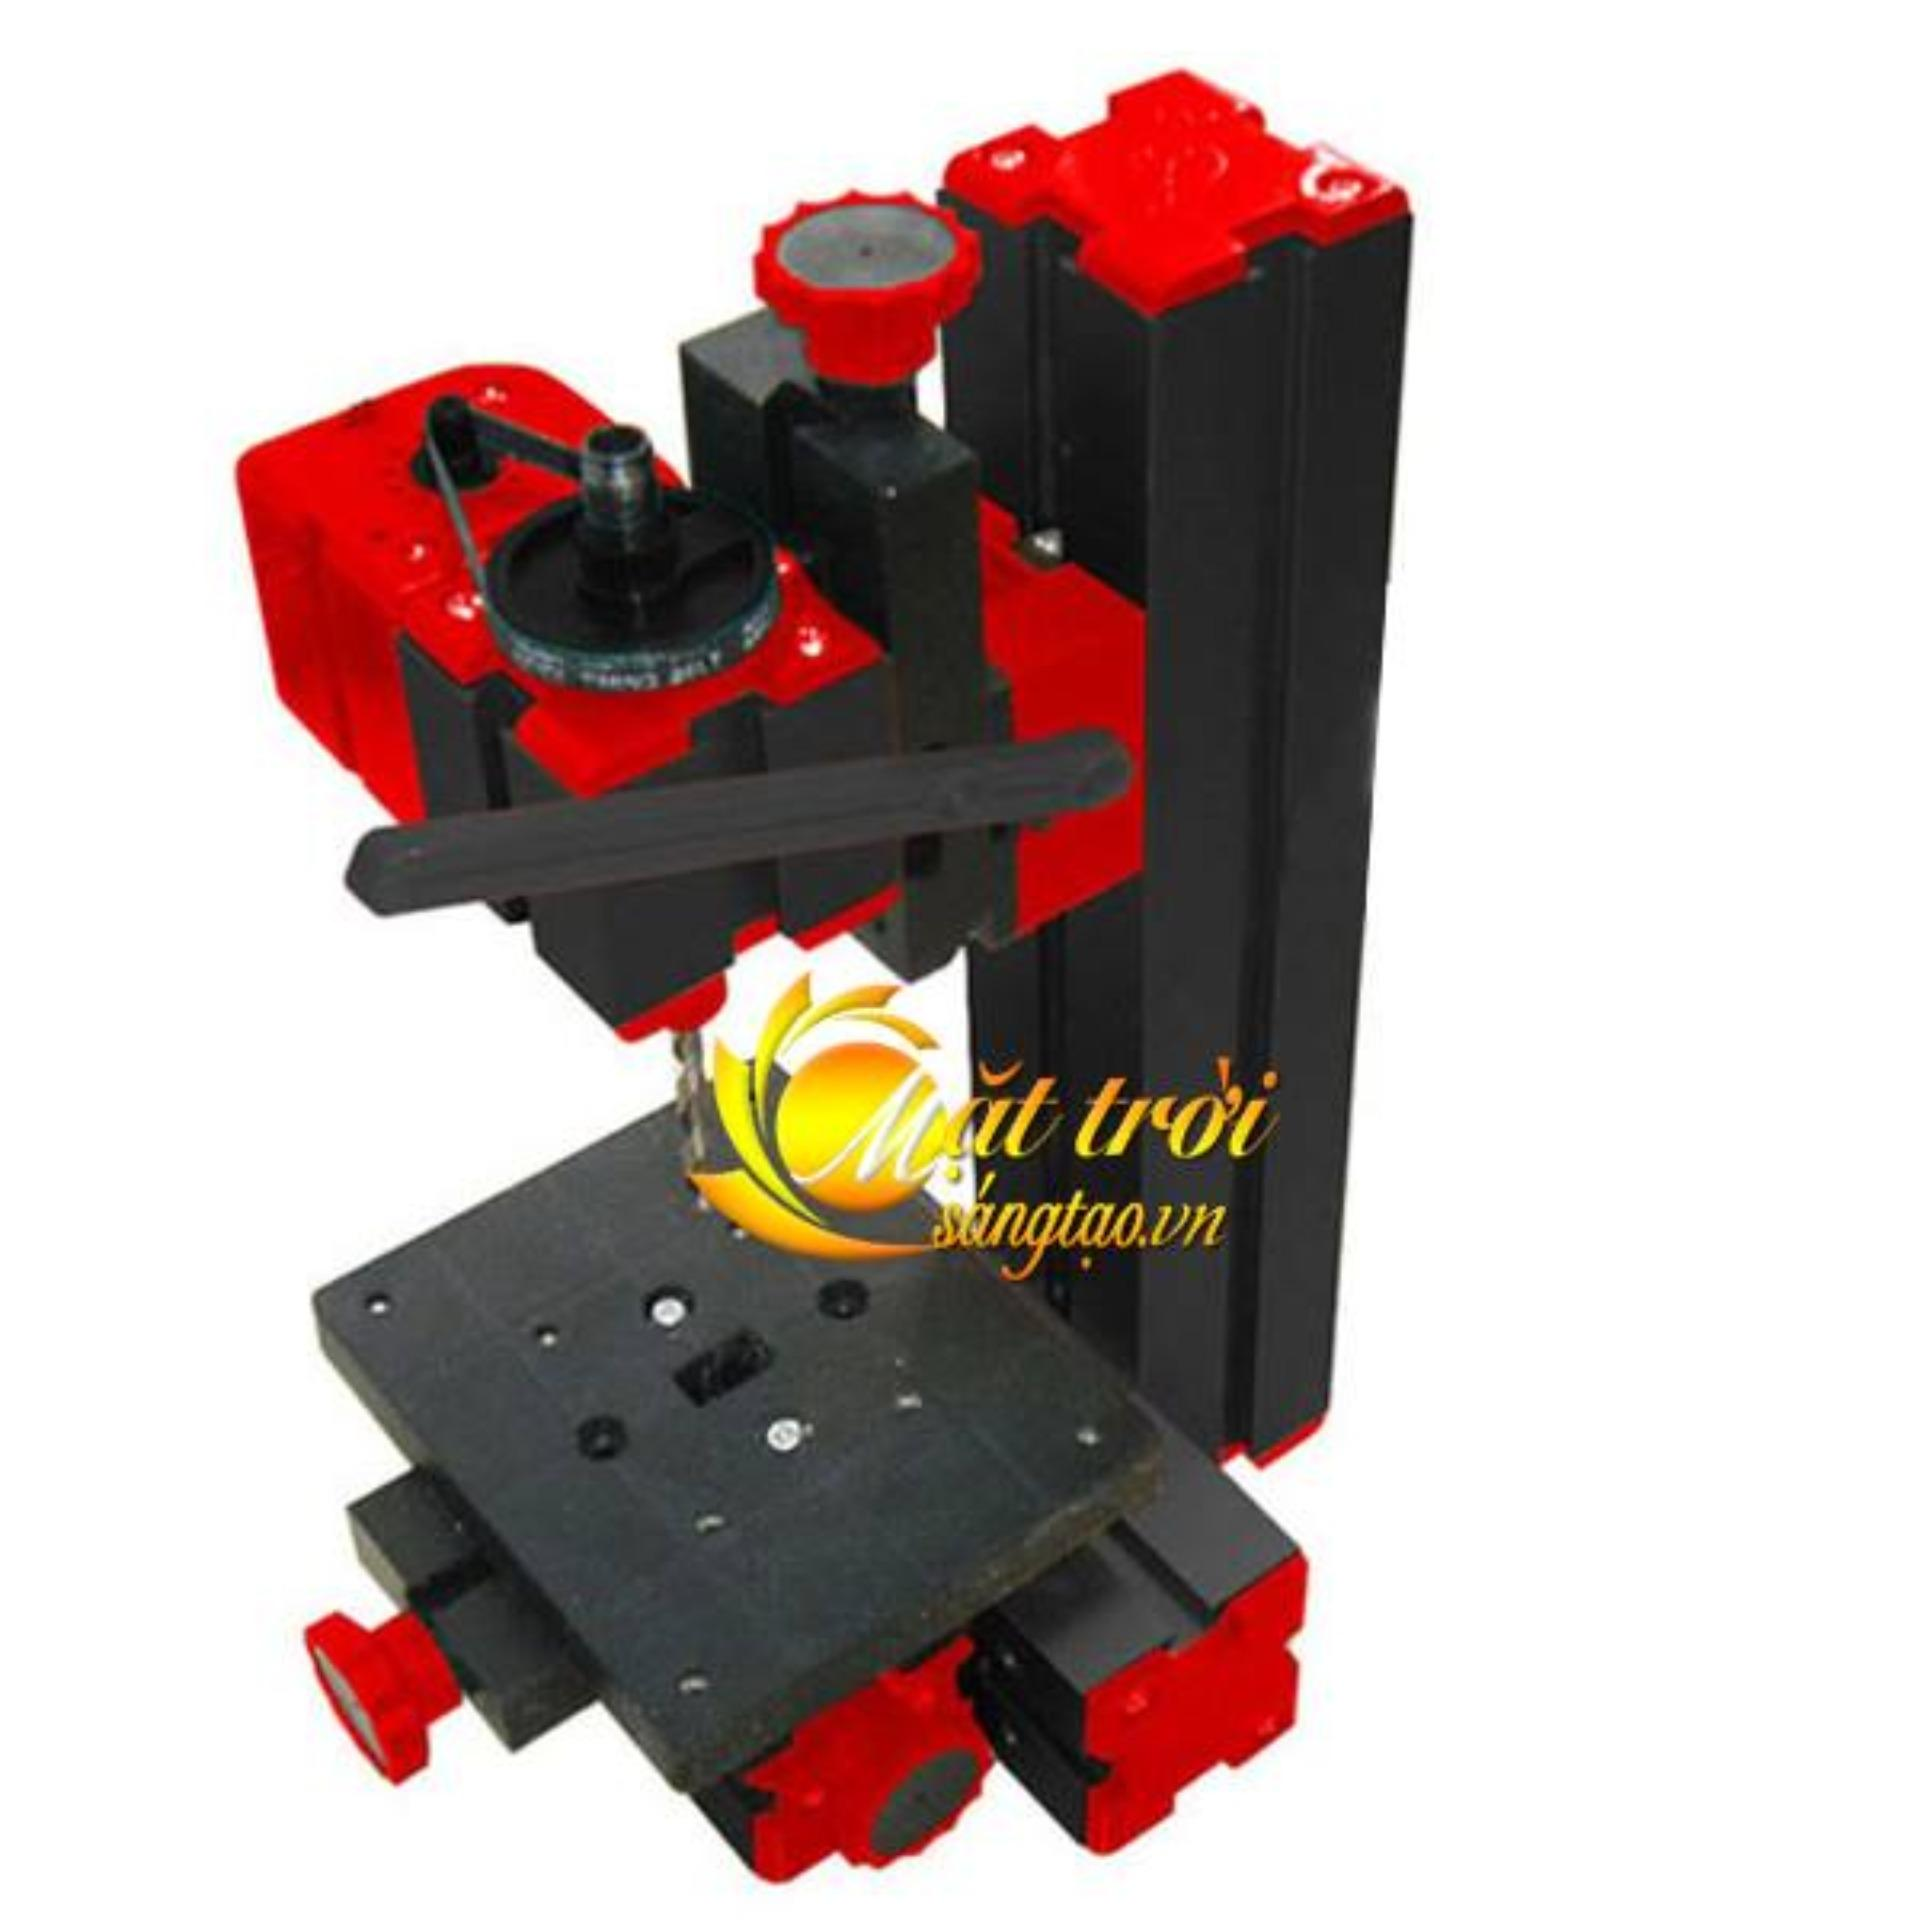 Hình ảnh Bộ công cụ gia công đa năng mini 6in1 ( cưa, mài, khoan, tiện gỗ, tiện kim loại, phay)